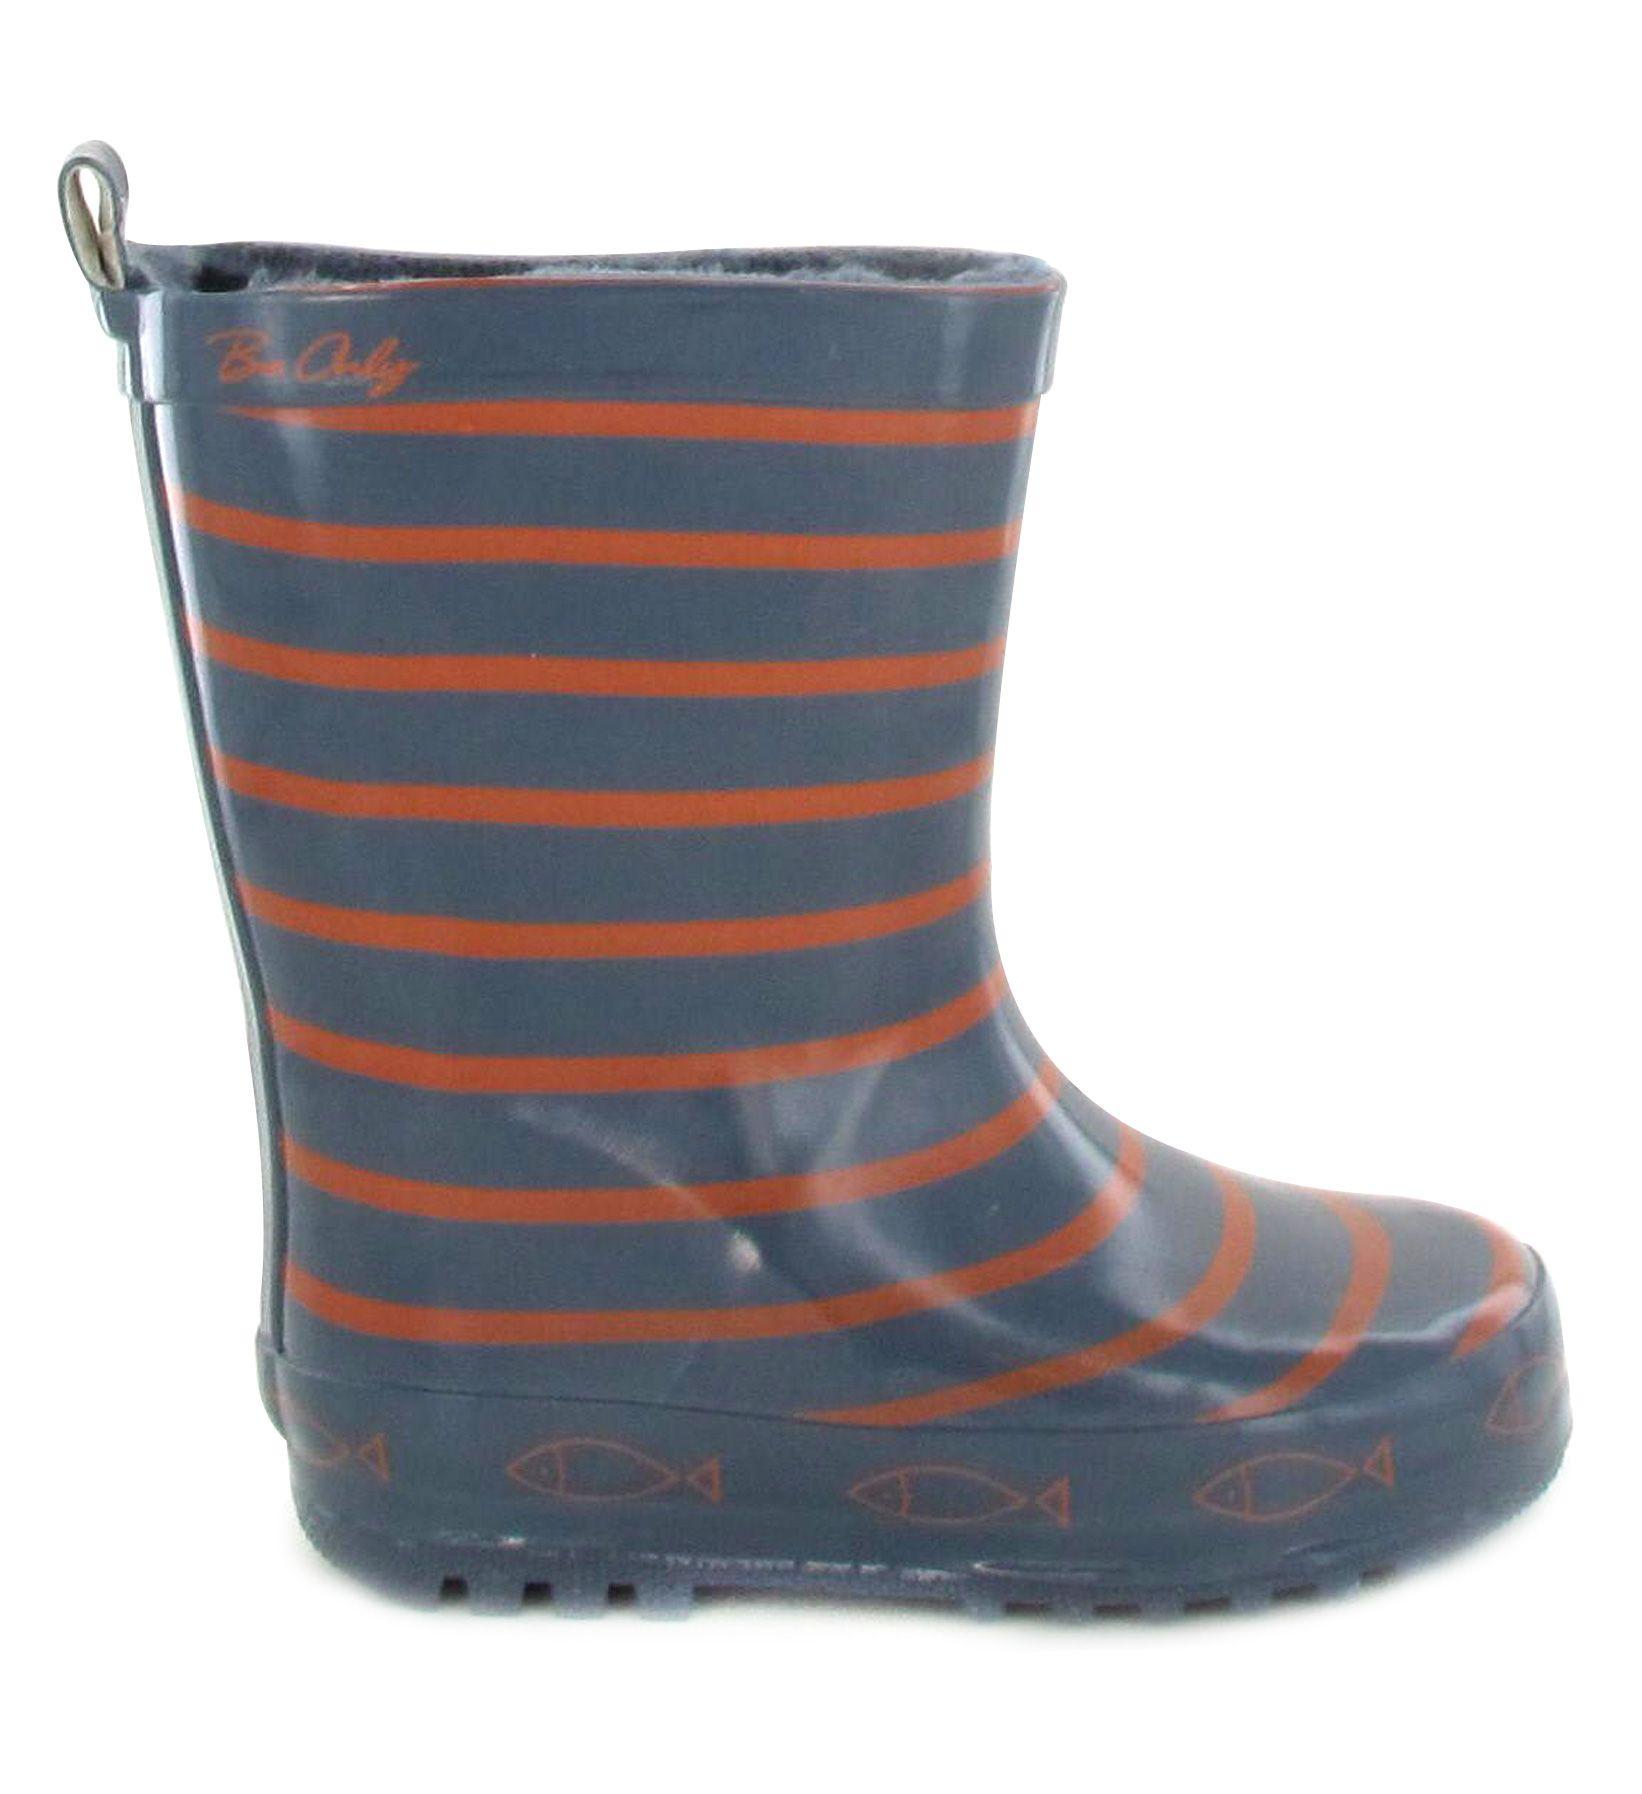 4f9ec94e280e8 Bottes de pluie enfant Be Only TIMOUSS Gris Orange www.be-only.com ...